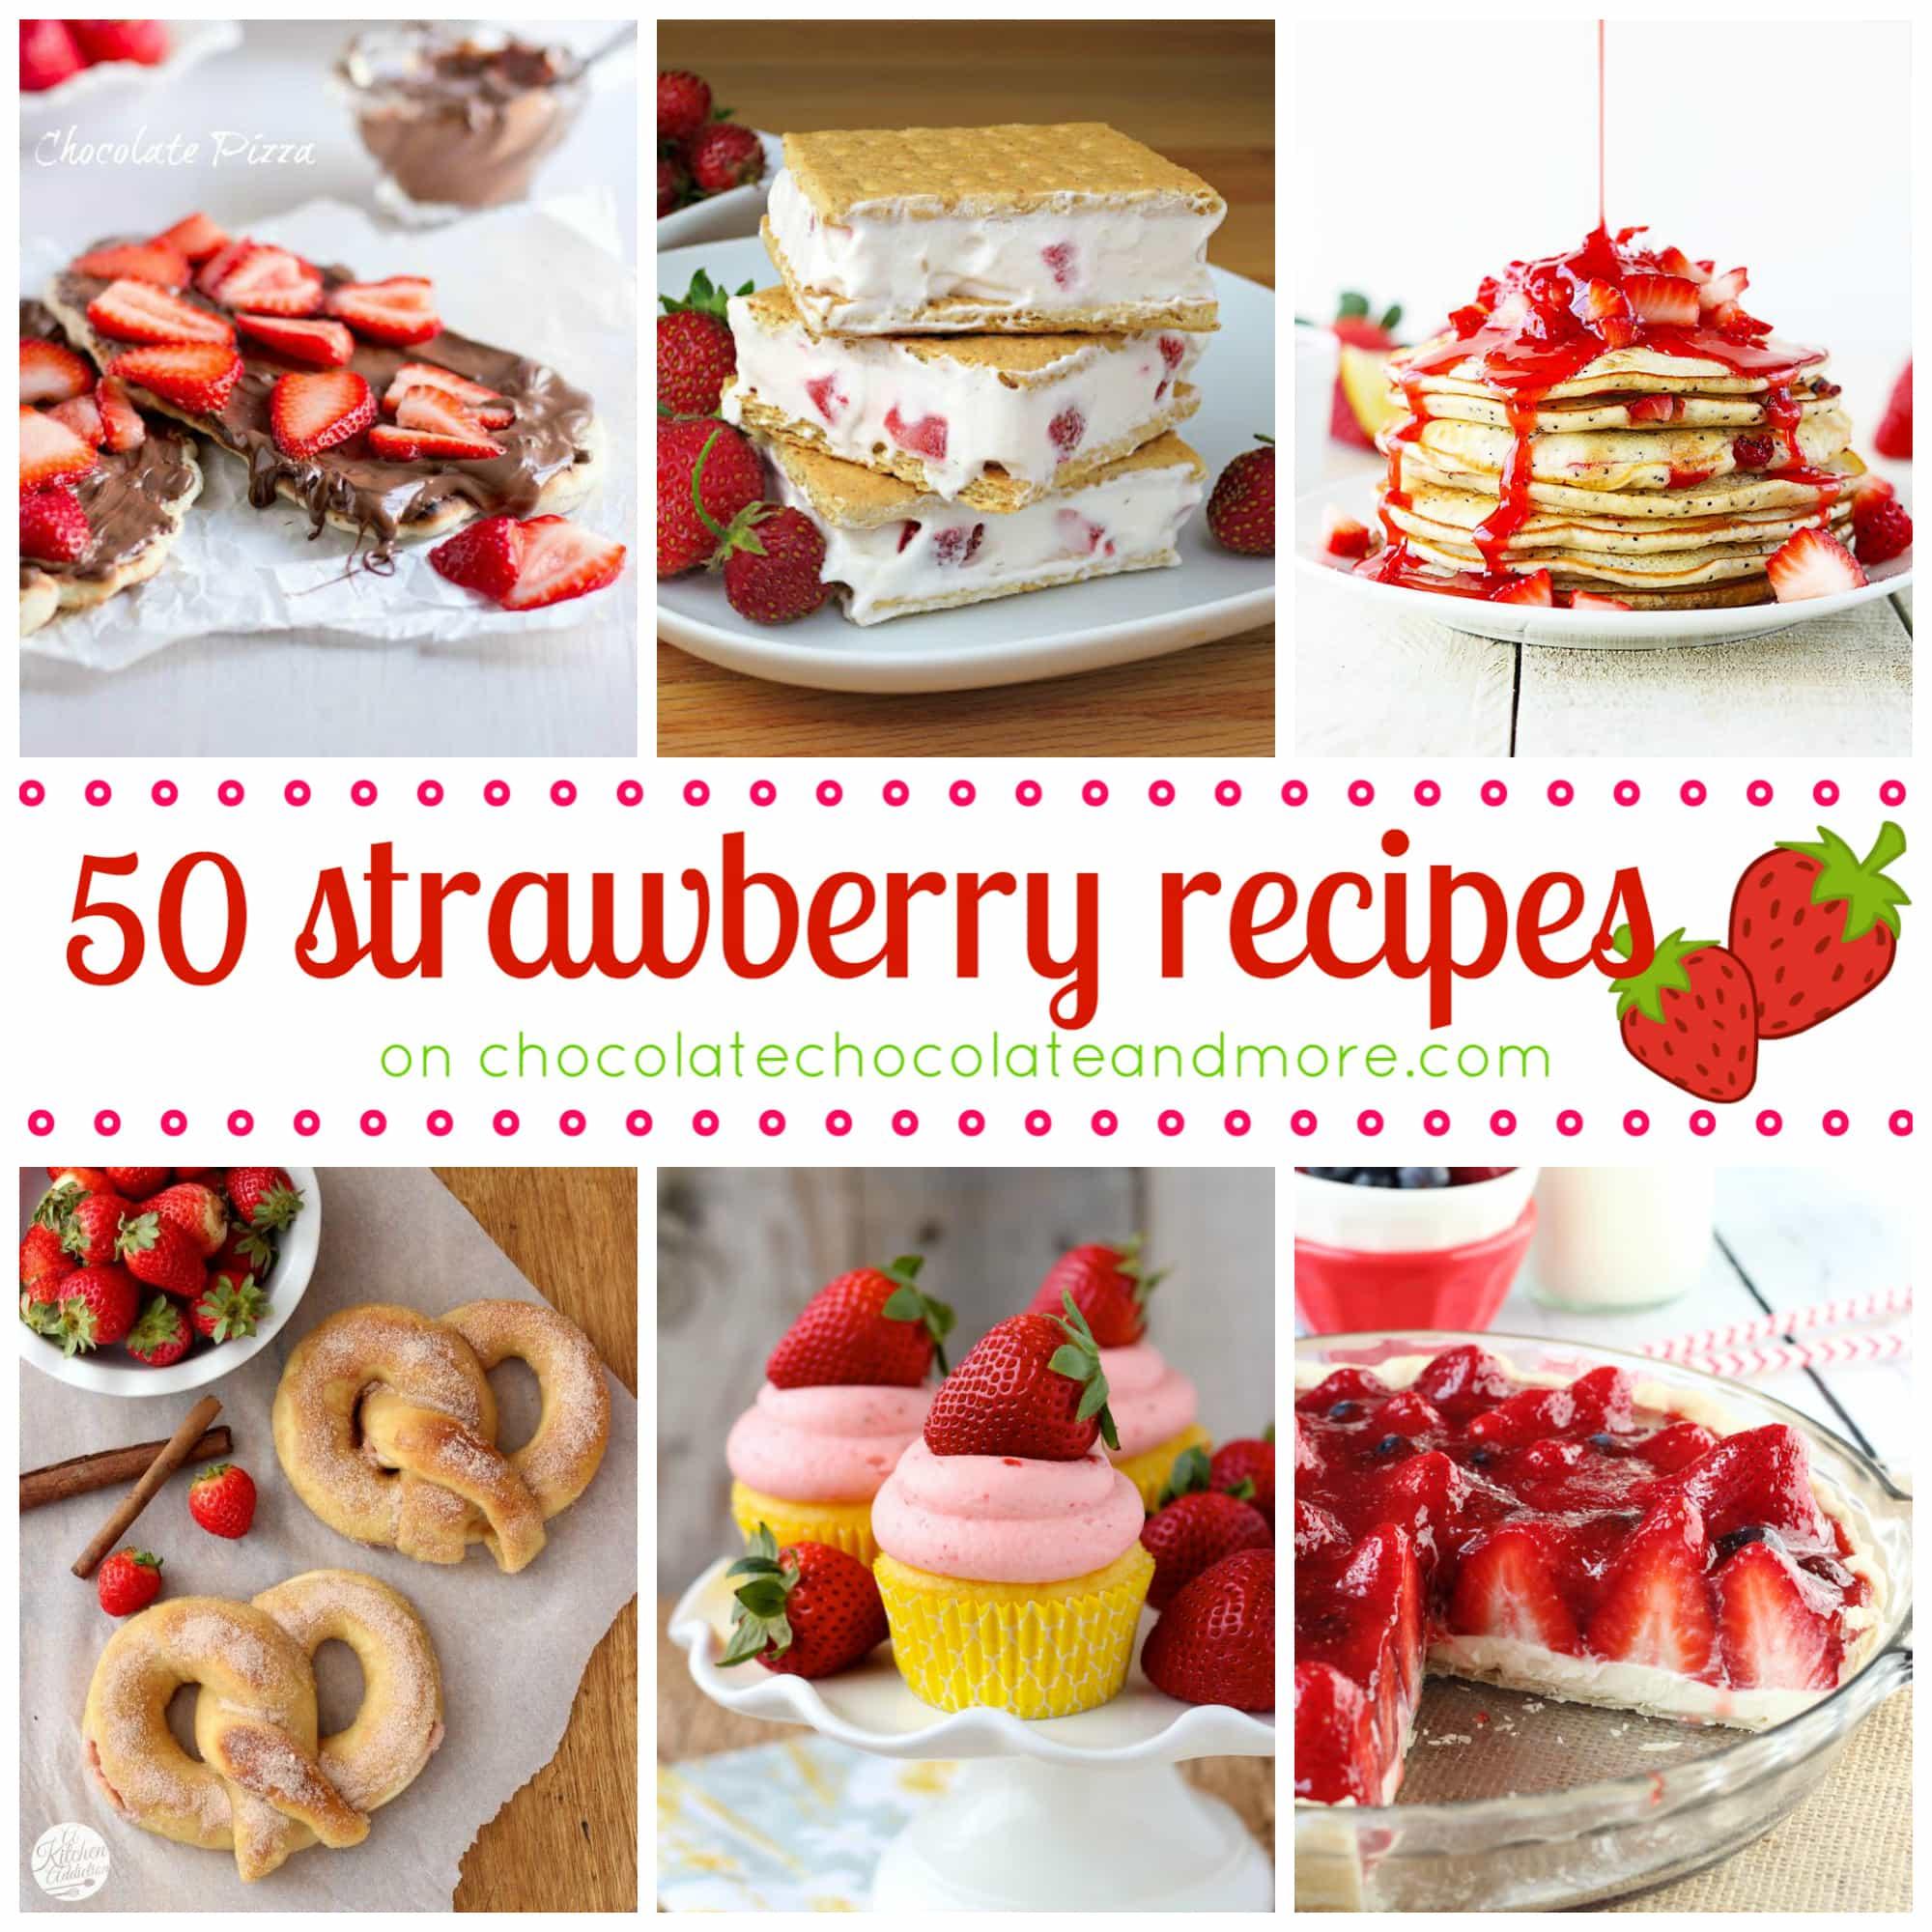 Strawberry Cheesecake Recipe: Strawberry Cheesecake Crumb Bars